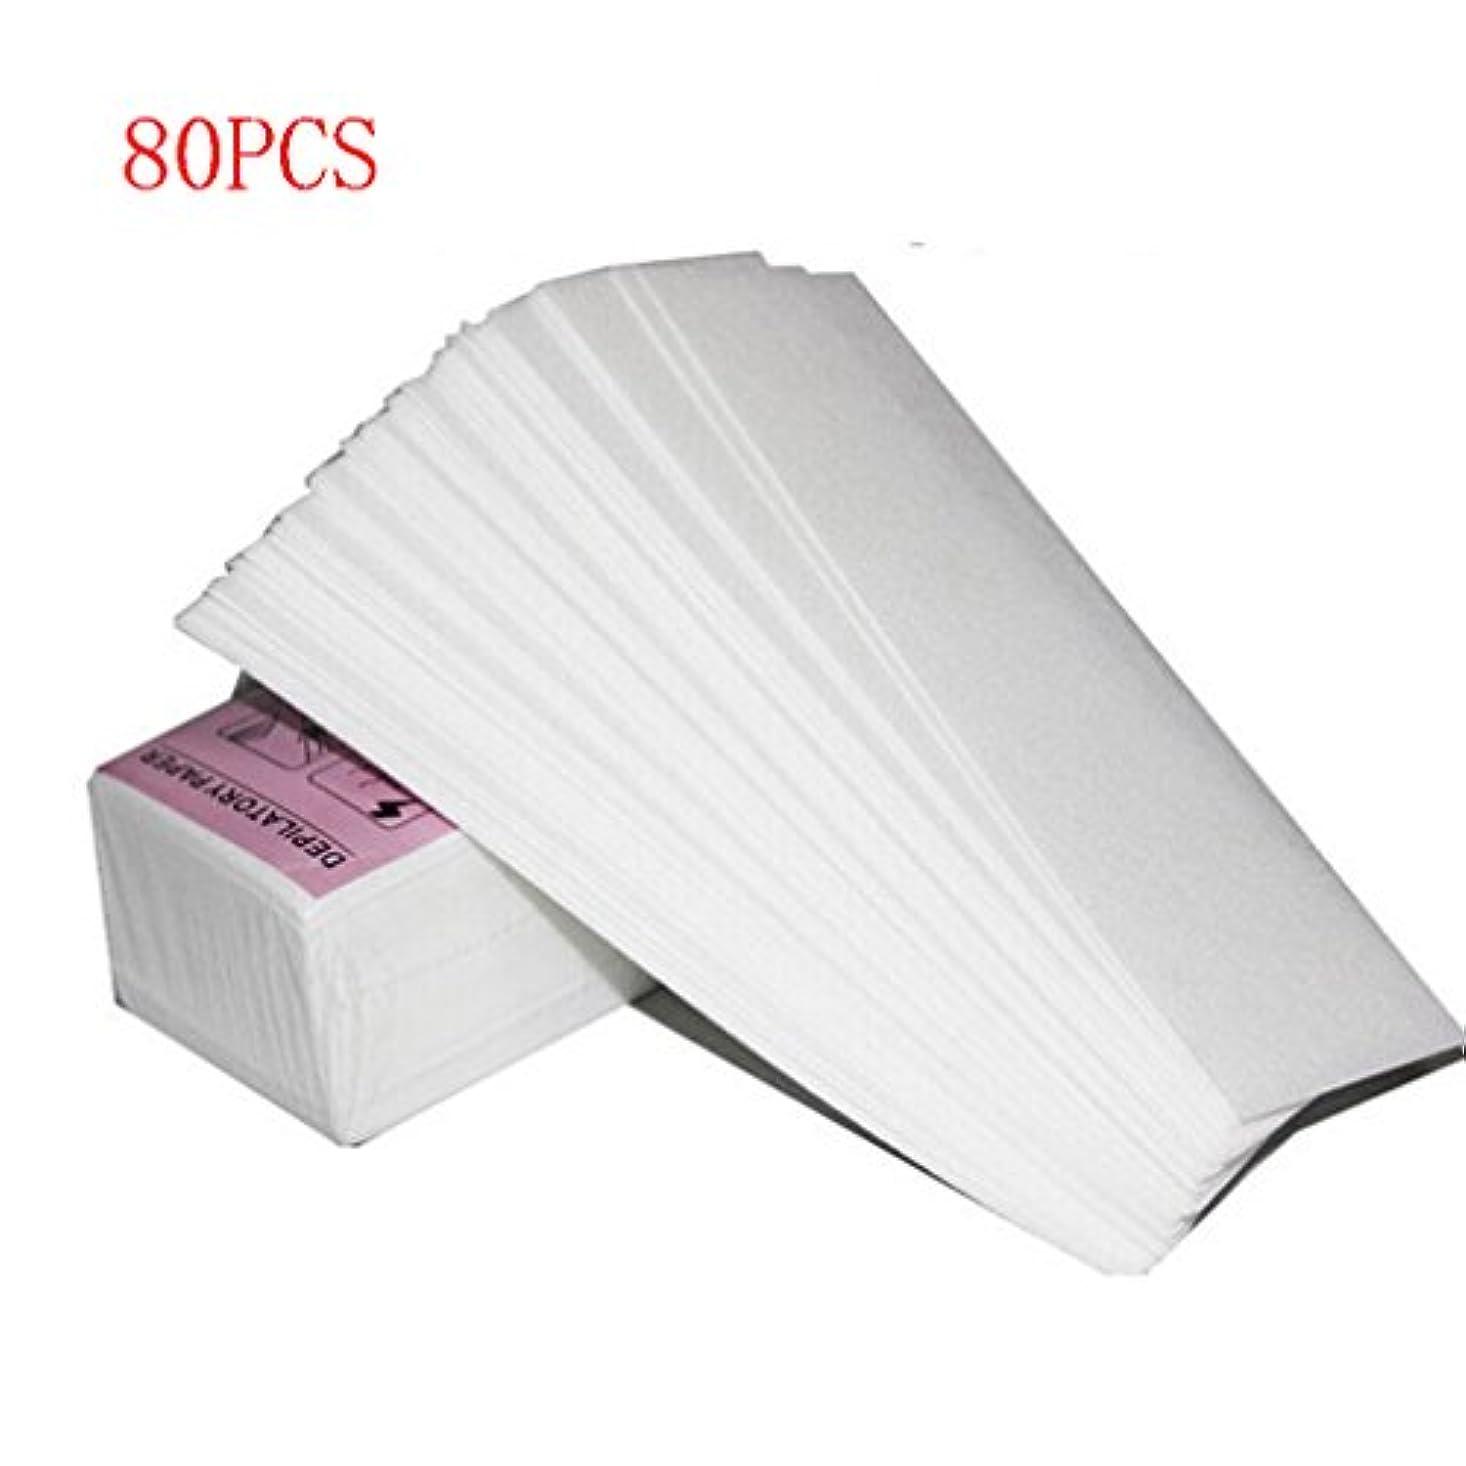 トレースガムレイワックス脱毛紙 厚く 耐久性のある 引き裂く スムースワックスシート インスタント脱毛シート 脱毛ワックスシート ワックスストリップ 紙 80回分 大容量